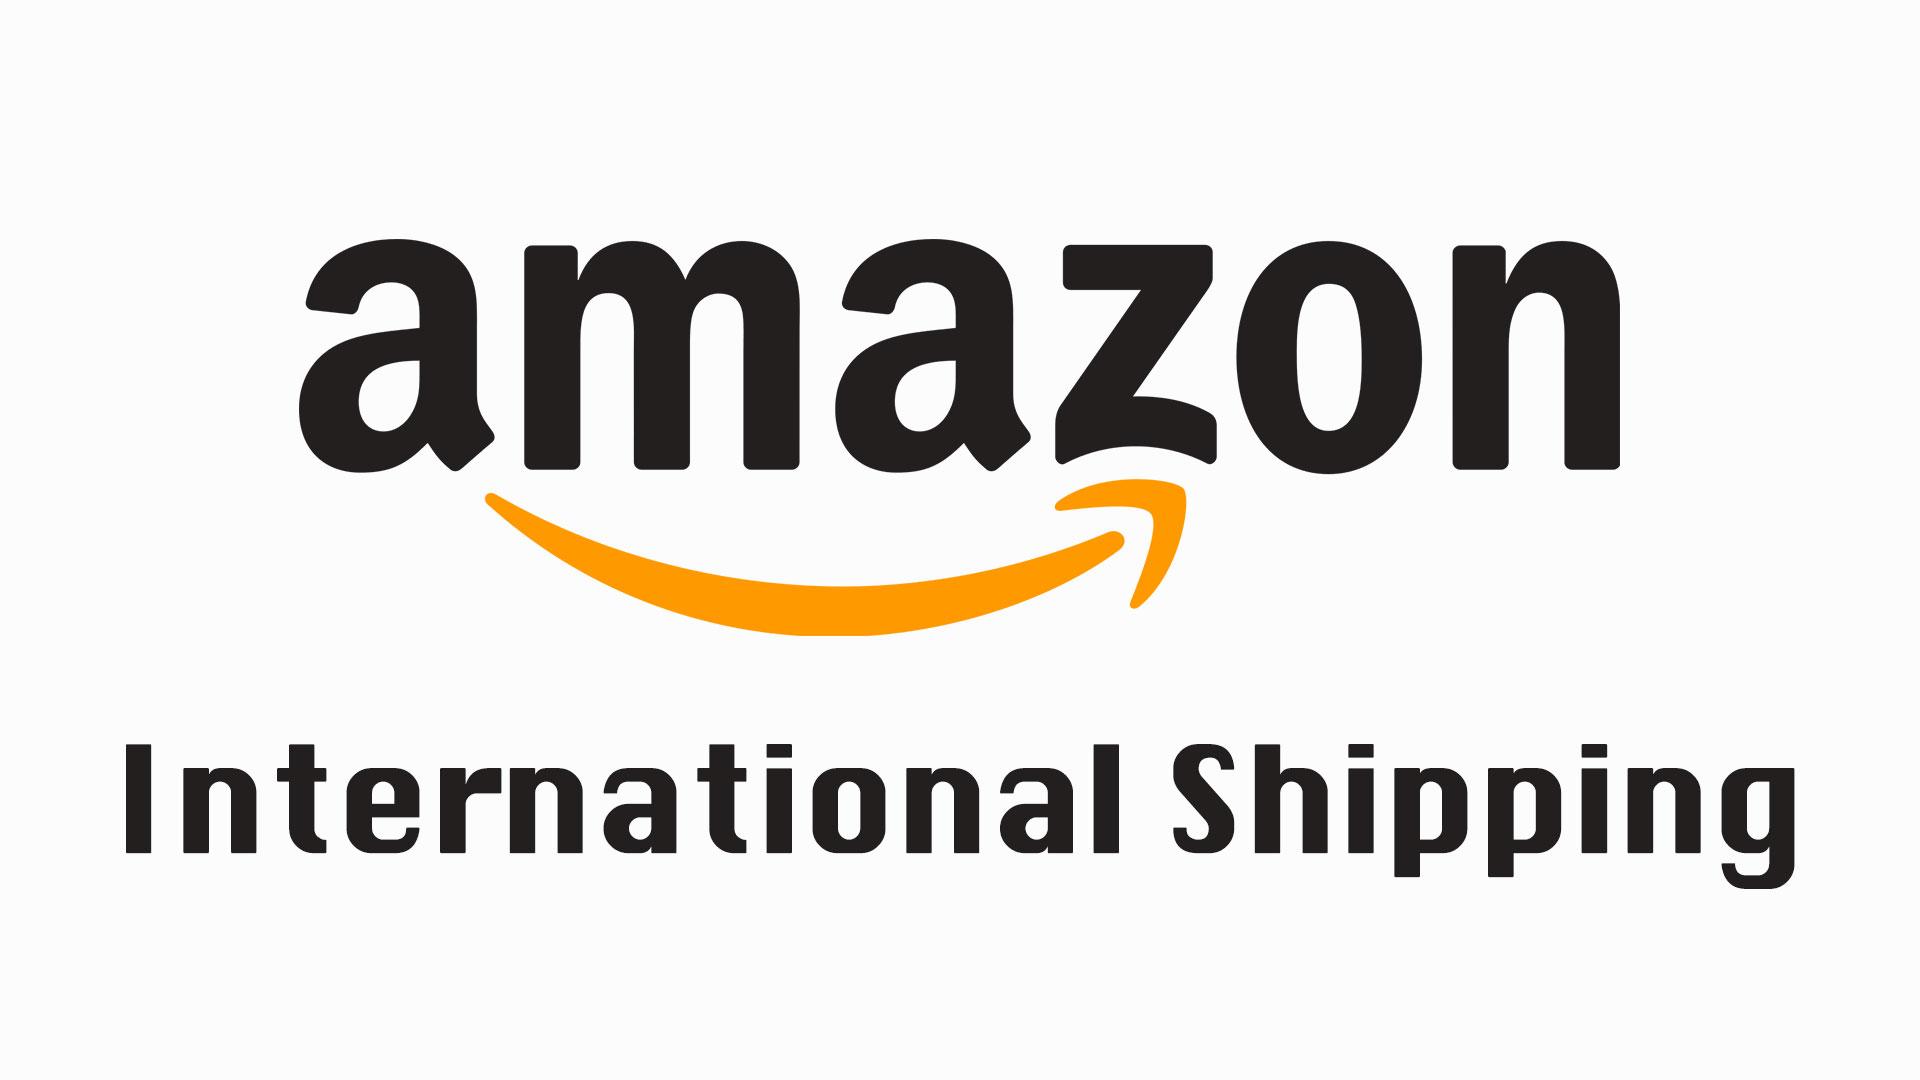 Amazonインターナショナルシッピングの使い方。アプリからamazon.comの商品が日本円で買えて日本発送もできる